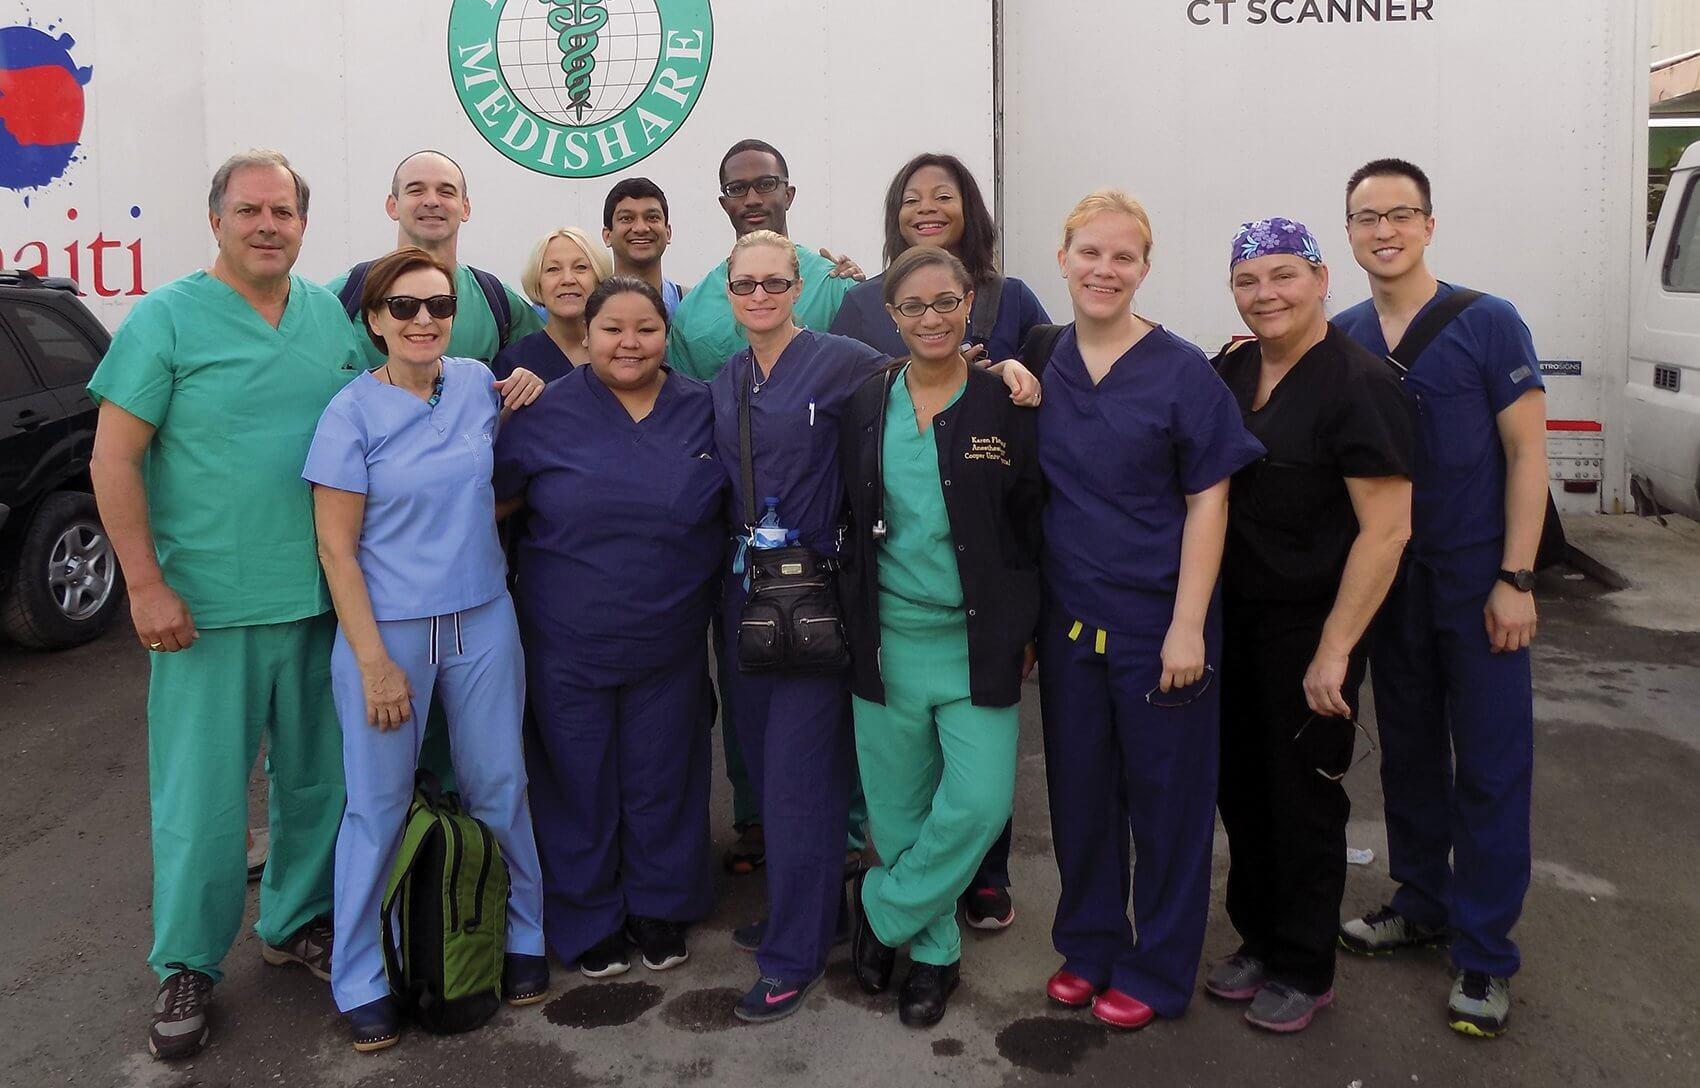 The care team at Hospital Bernard Mevs in Haiti. (Credit: Memorial Hermann)